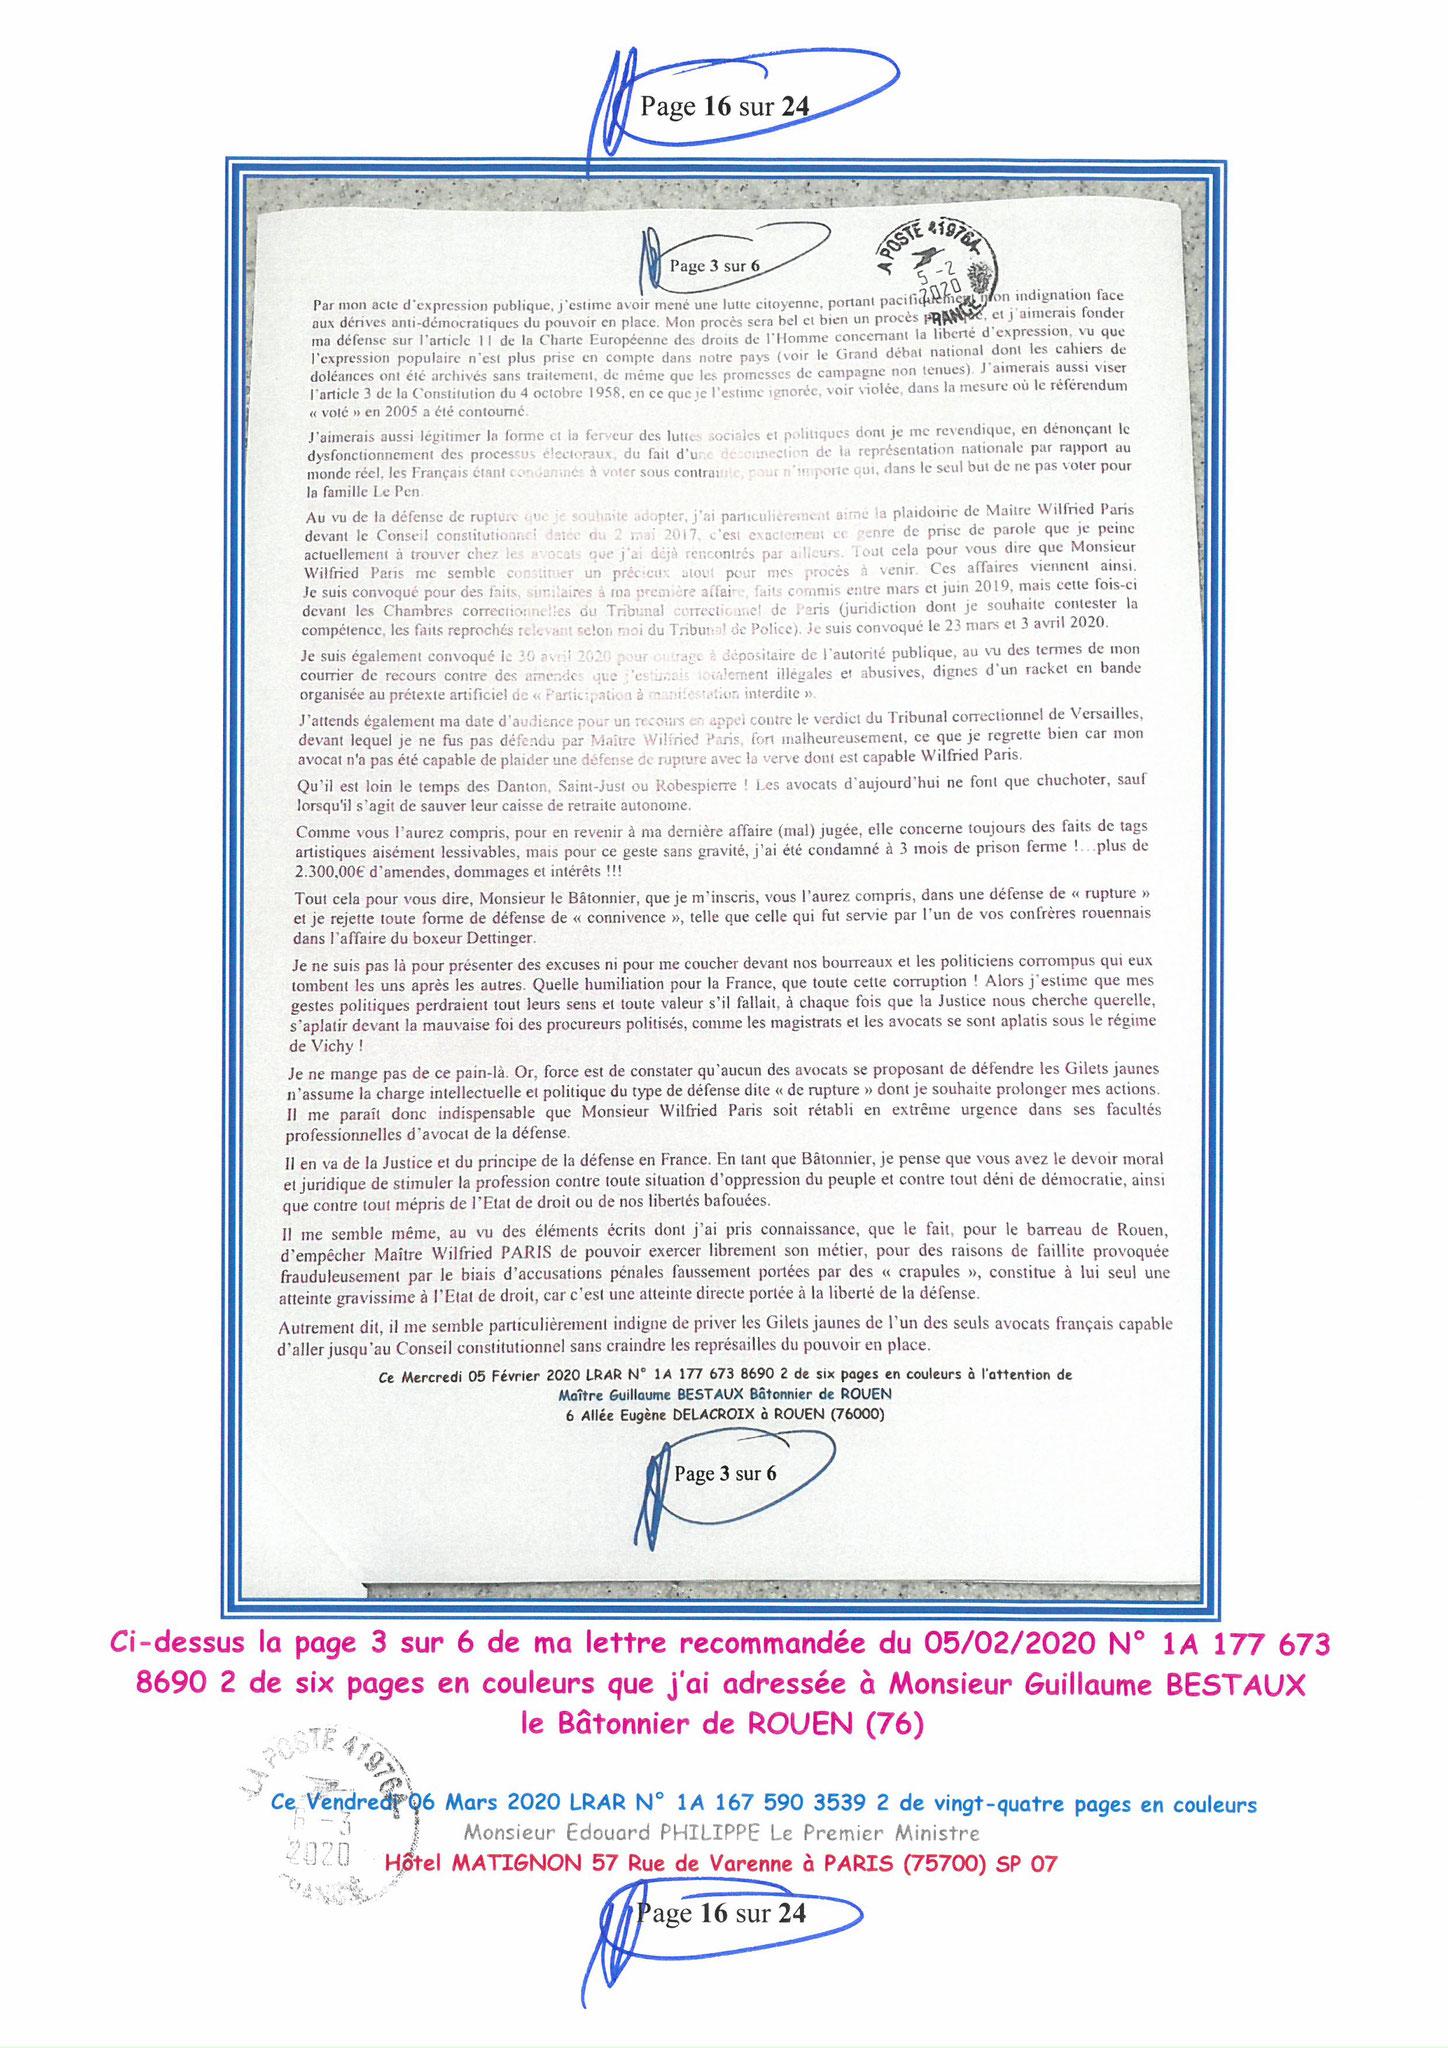 Ma LRAR à Monsieur le  Premier Ministre Edouard PHILIPPE N° 1A 167 590 3539 2 Page 16 sur 24 en Couleur du 06 Mars 2020  www.jesuispatrick.fr